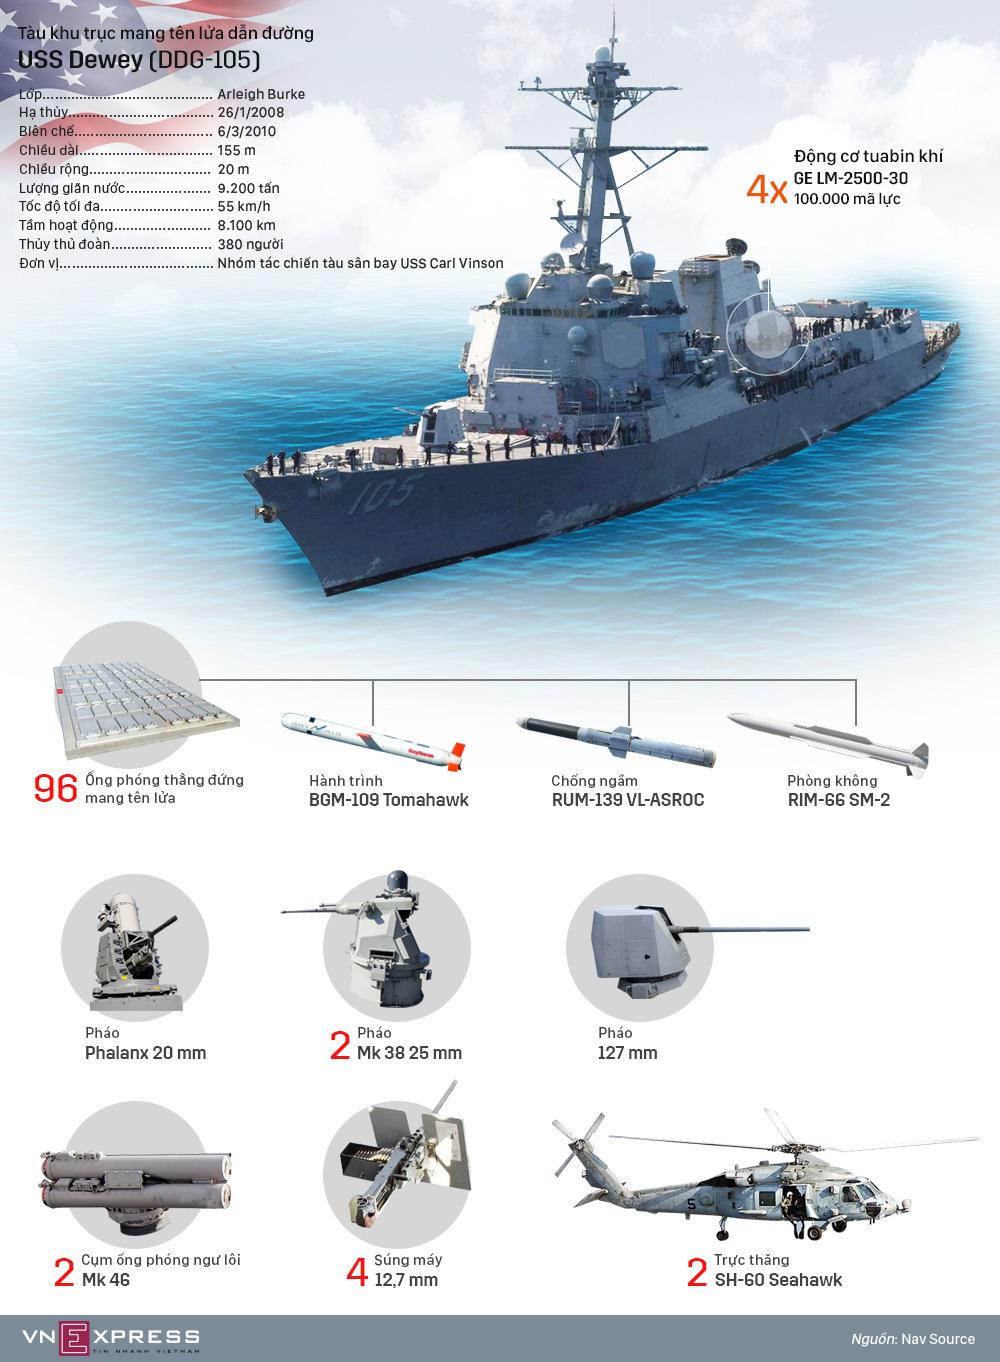 Trang bị của chiến hạm Mỹ tuần tra ở Biển Đông